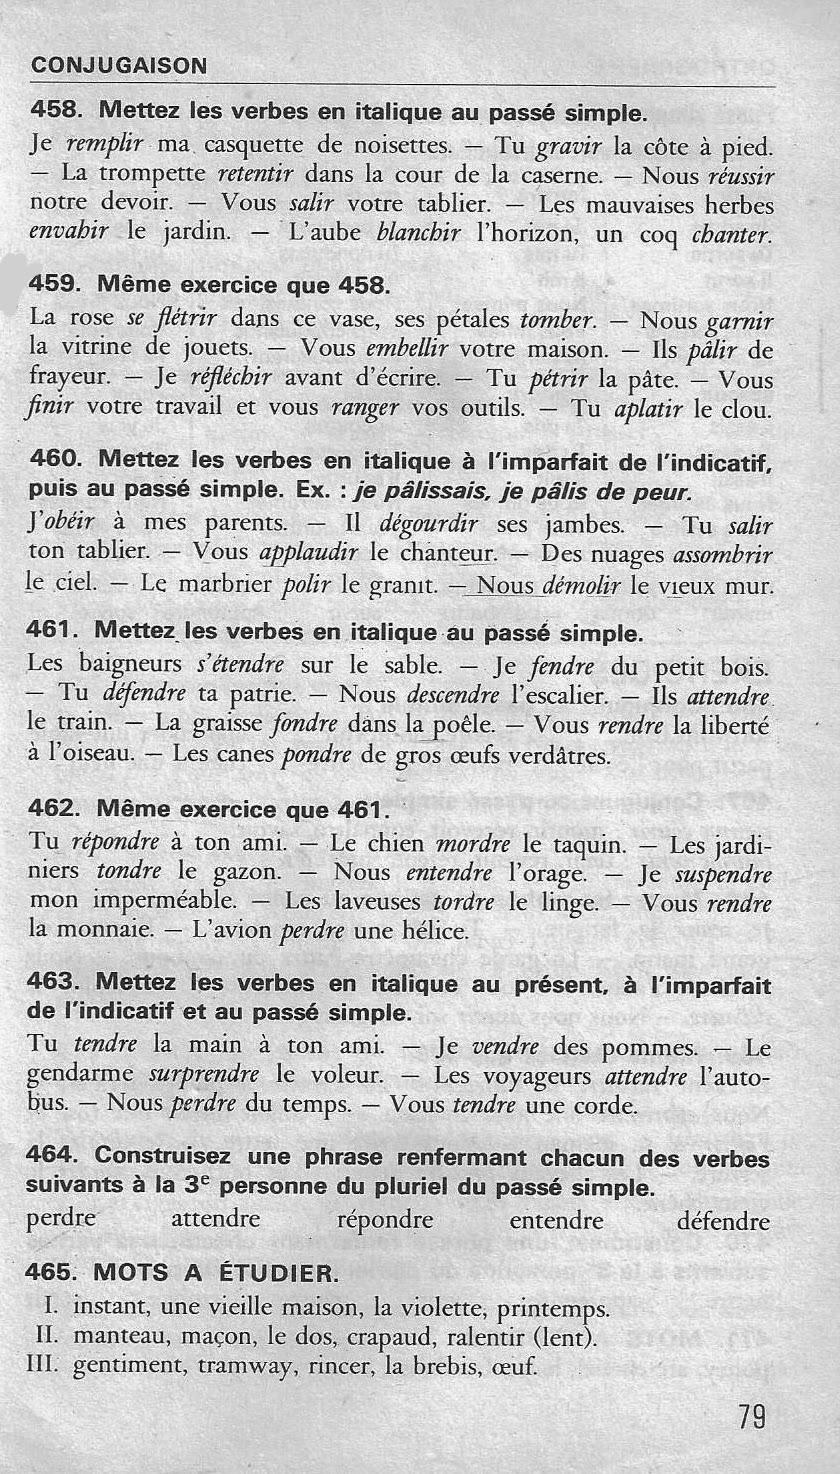 cours de conjugaison cm1 pdf